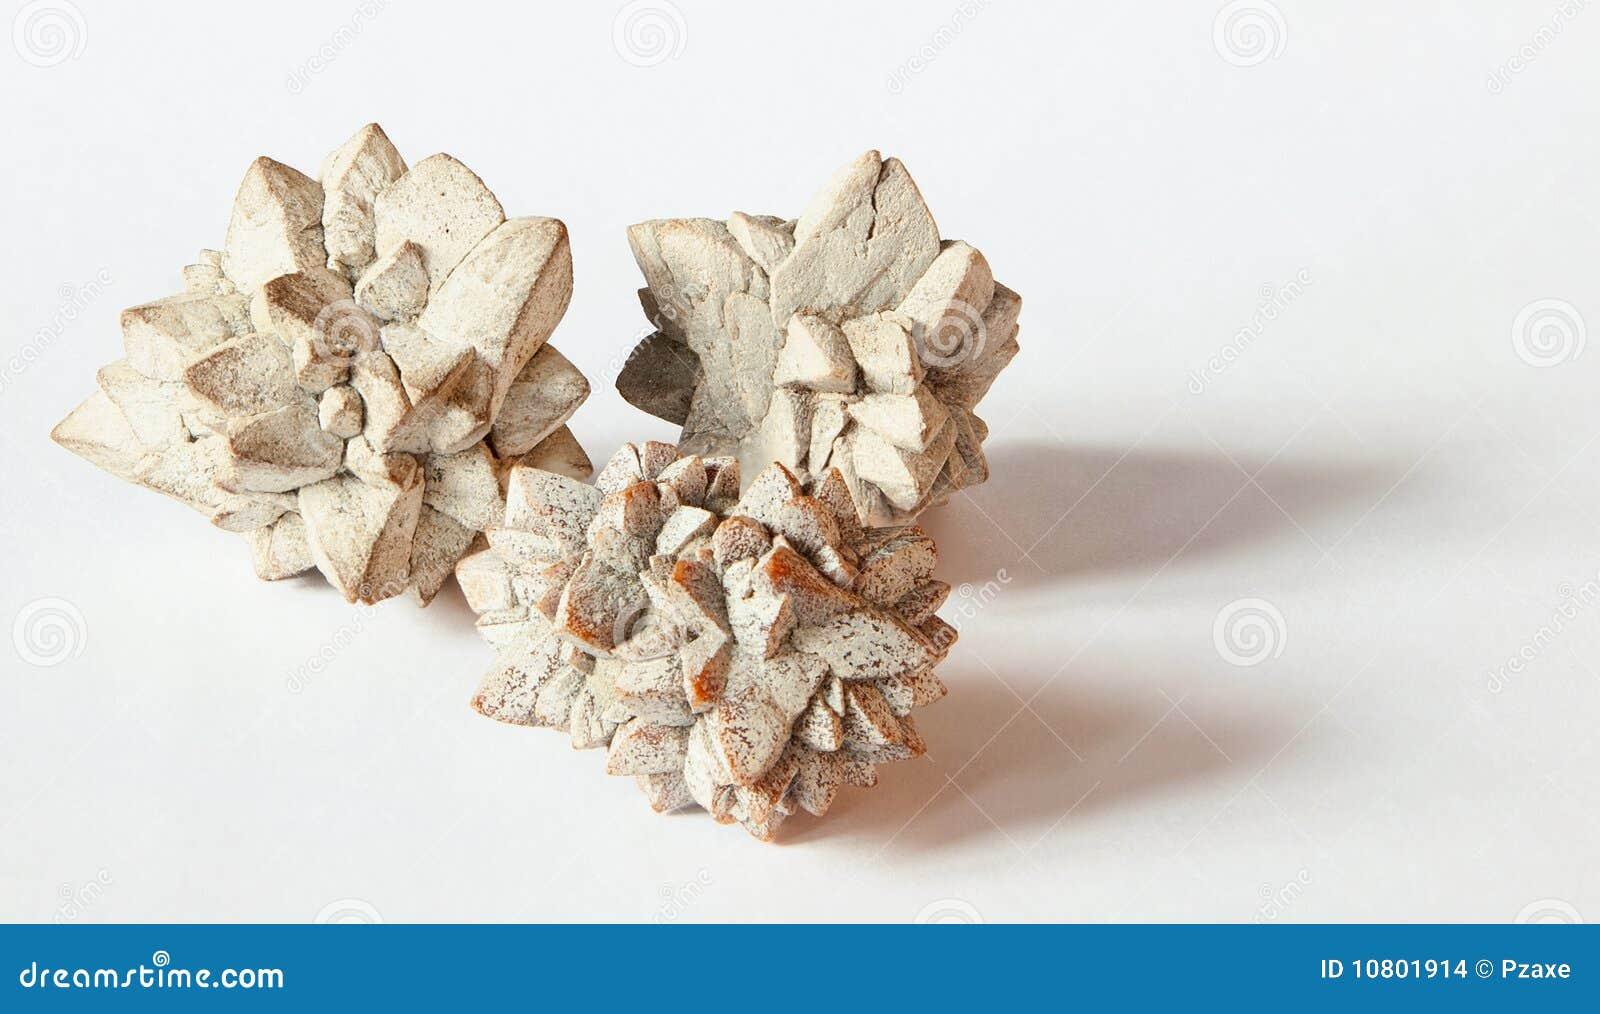 Glendonite - rare uncommon minerals